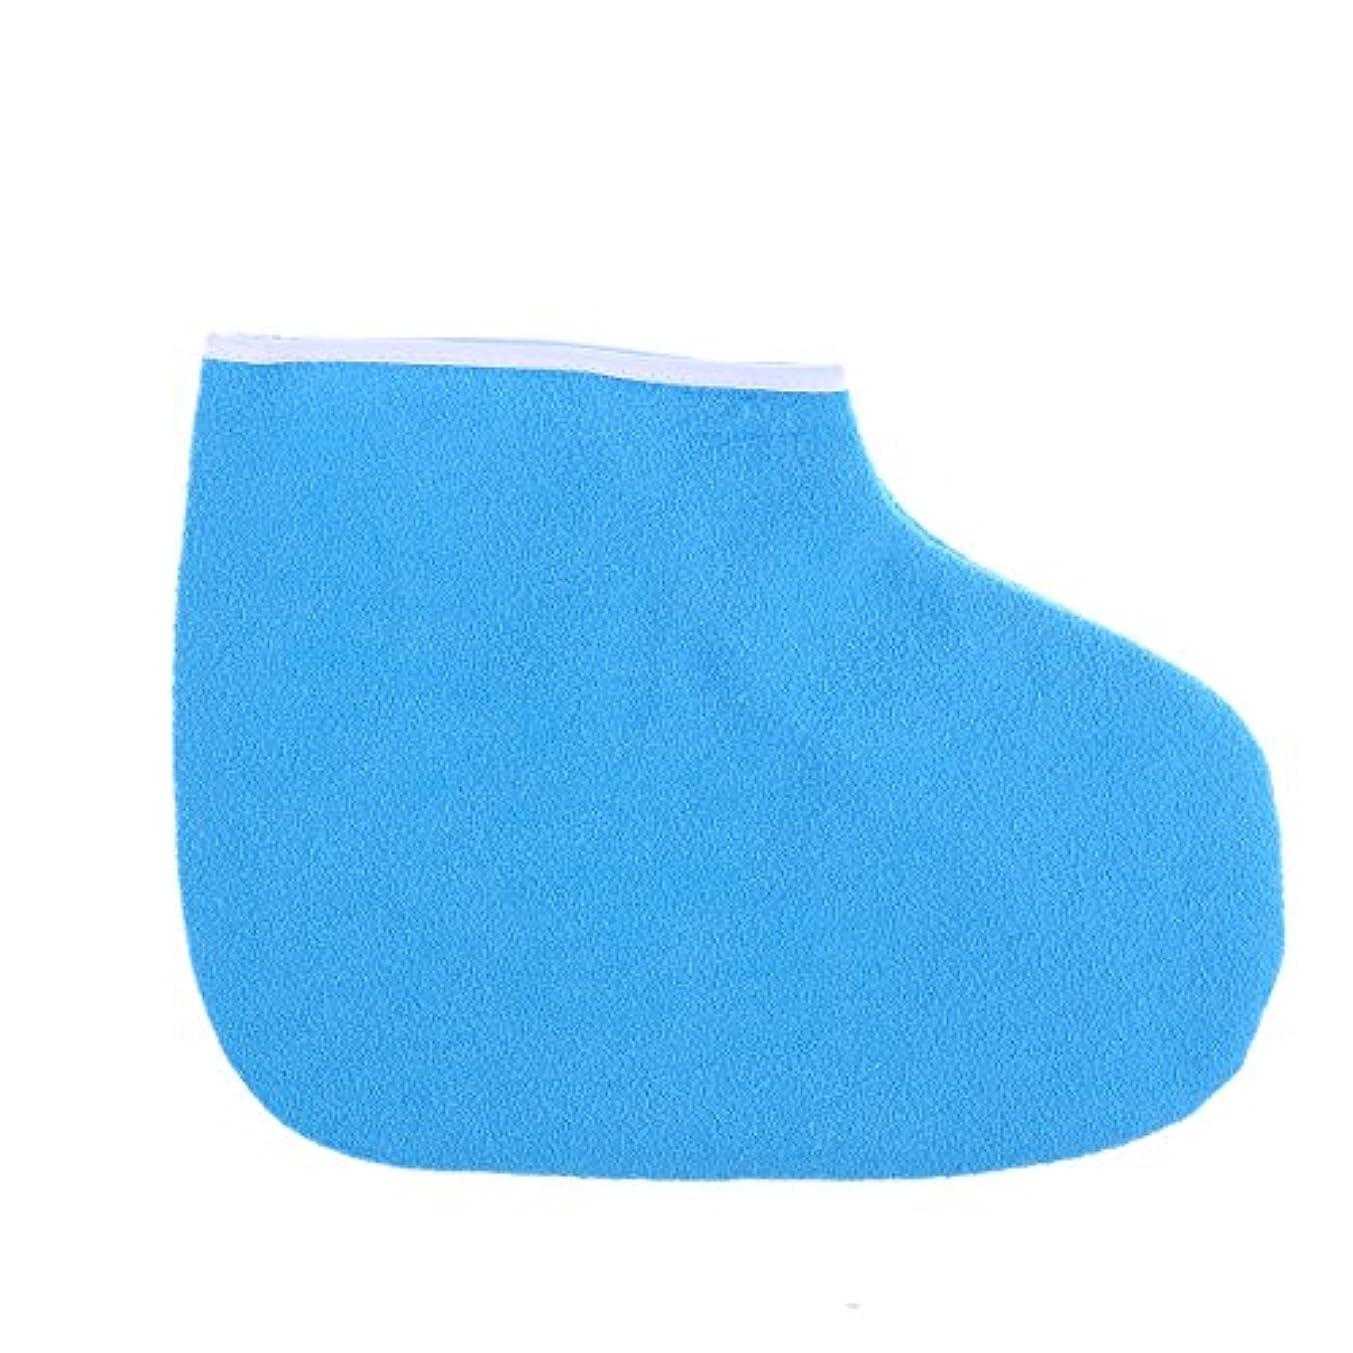 エネルギーあえぎピアースHealifty パラフィンワックスブーティーマニキュアペディキュアトリートメントブーツ(ブルー)